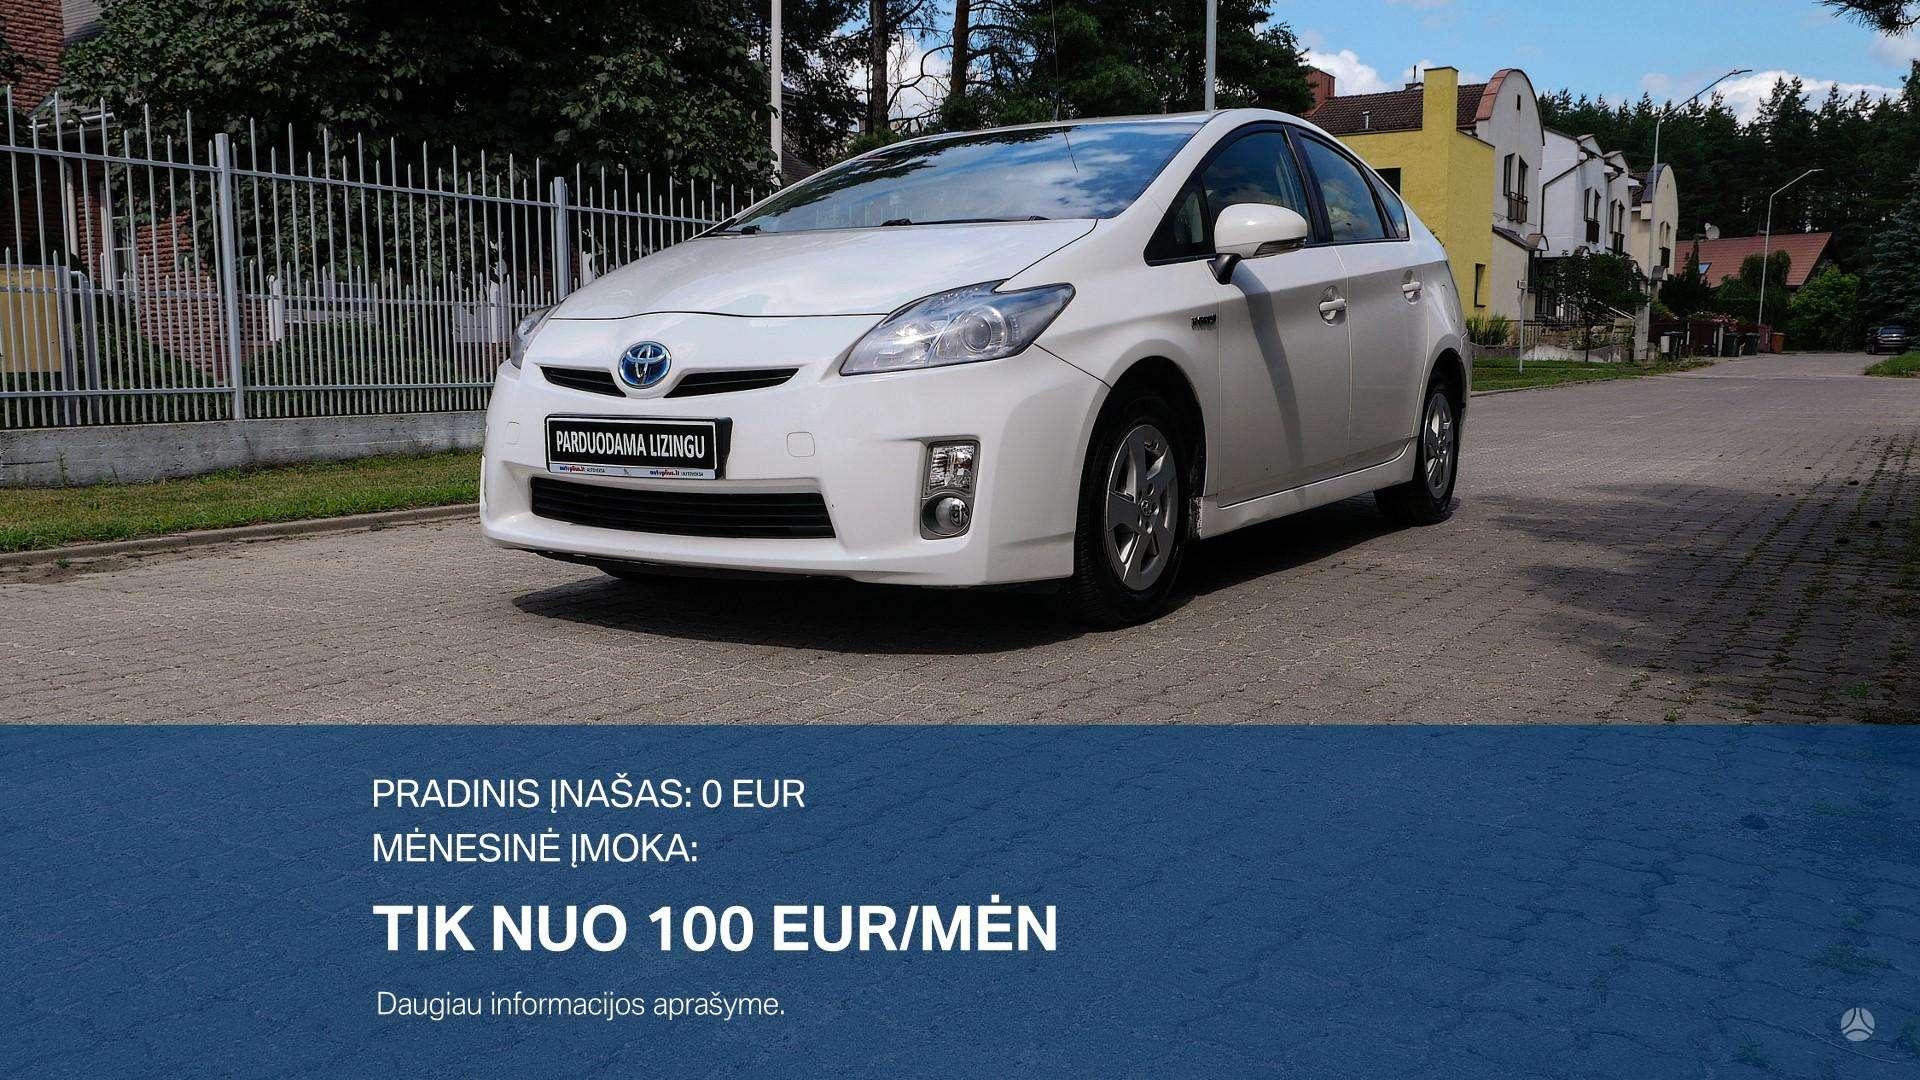 Toyota Prius išsimokėtinai nuo 100Eur/Mėn su 3 mėnesių garantija